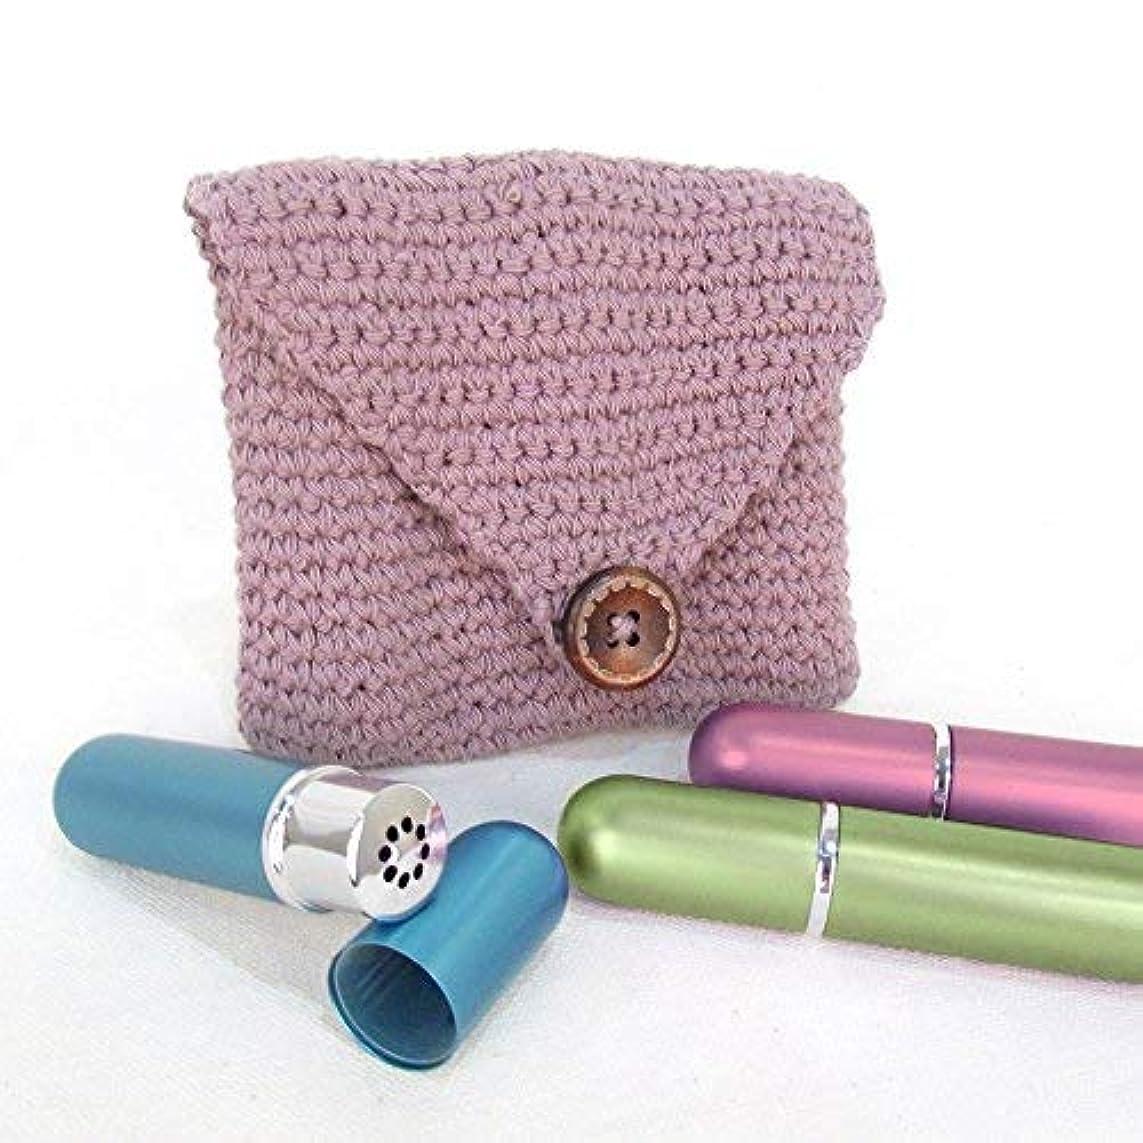 含むきらきらダイヤモンドPurple Crochet Case and 3 Empty Essential Oil Aluminum and Glass Refillable Inhalers by Rivertree Life [並行輸入品]